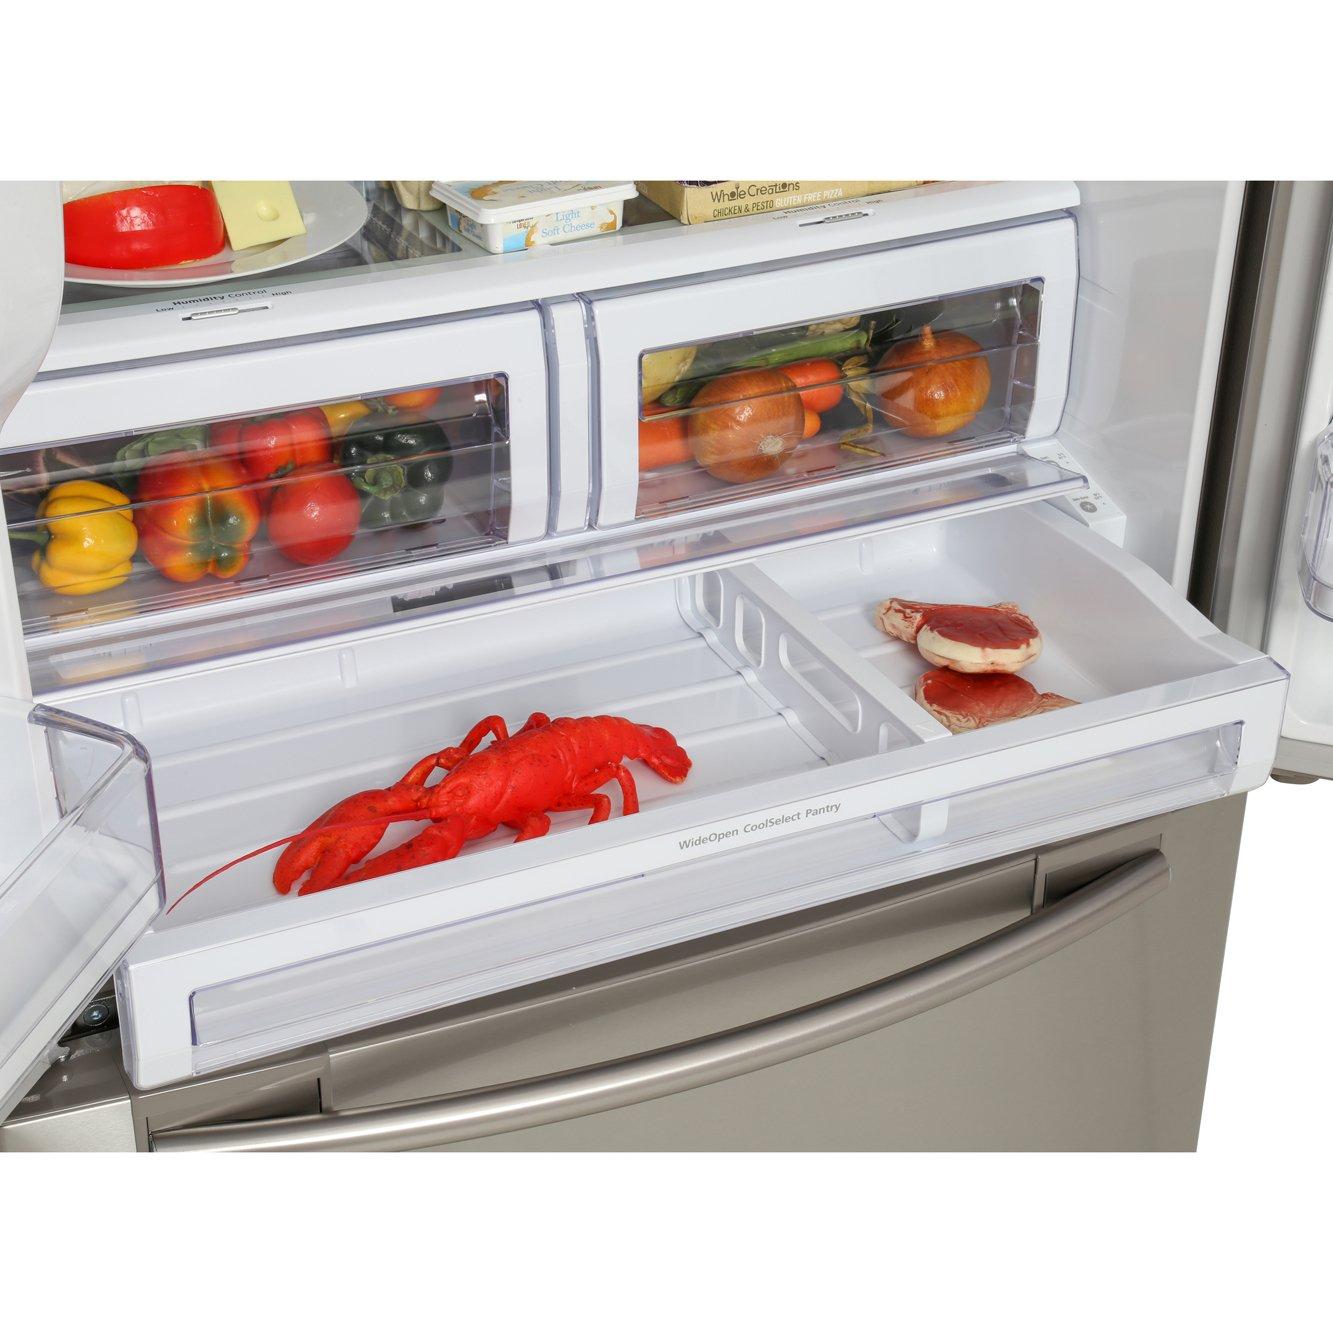 Buy Samsung Rfg23uers Multi Door American Fridge Freezer